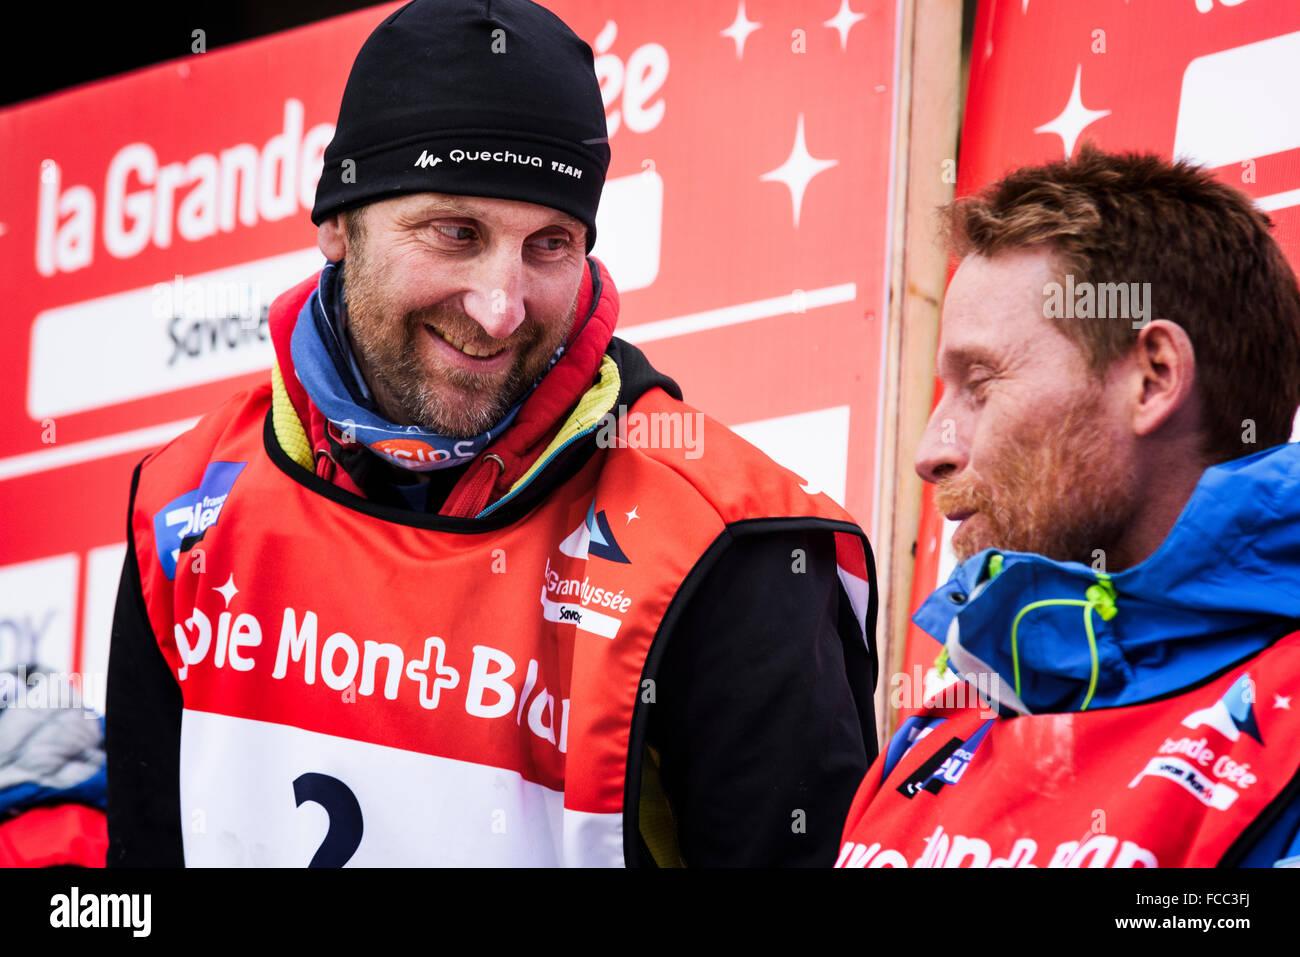 TERMIGNON, Vanoise, France - 20 janvier 2016 - Le podium Rémy COSTE le gagnant de la GRANDE ODYSSEE Photo Stock